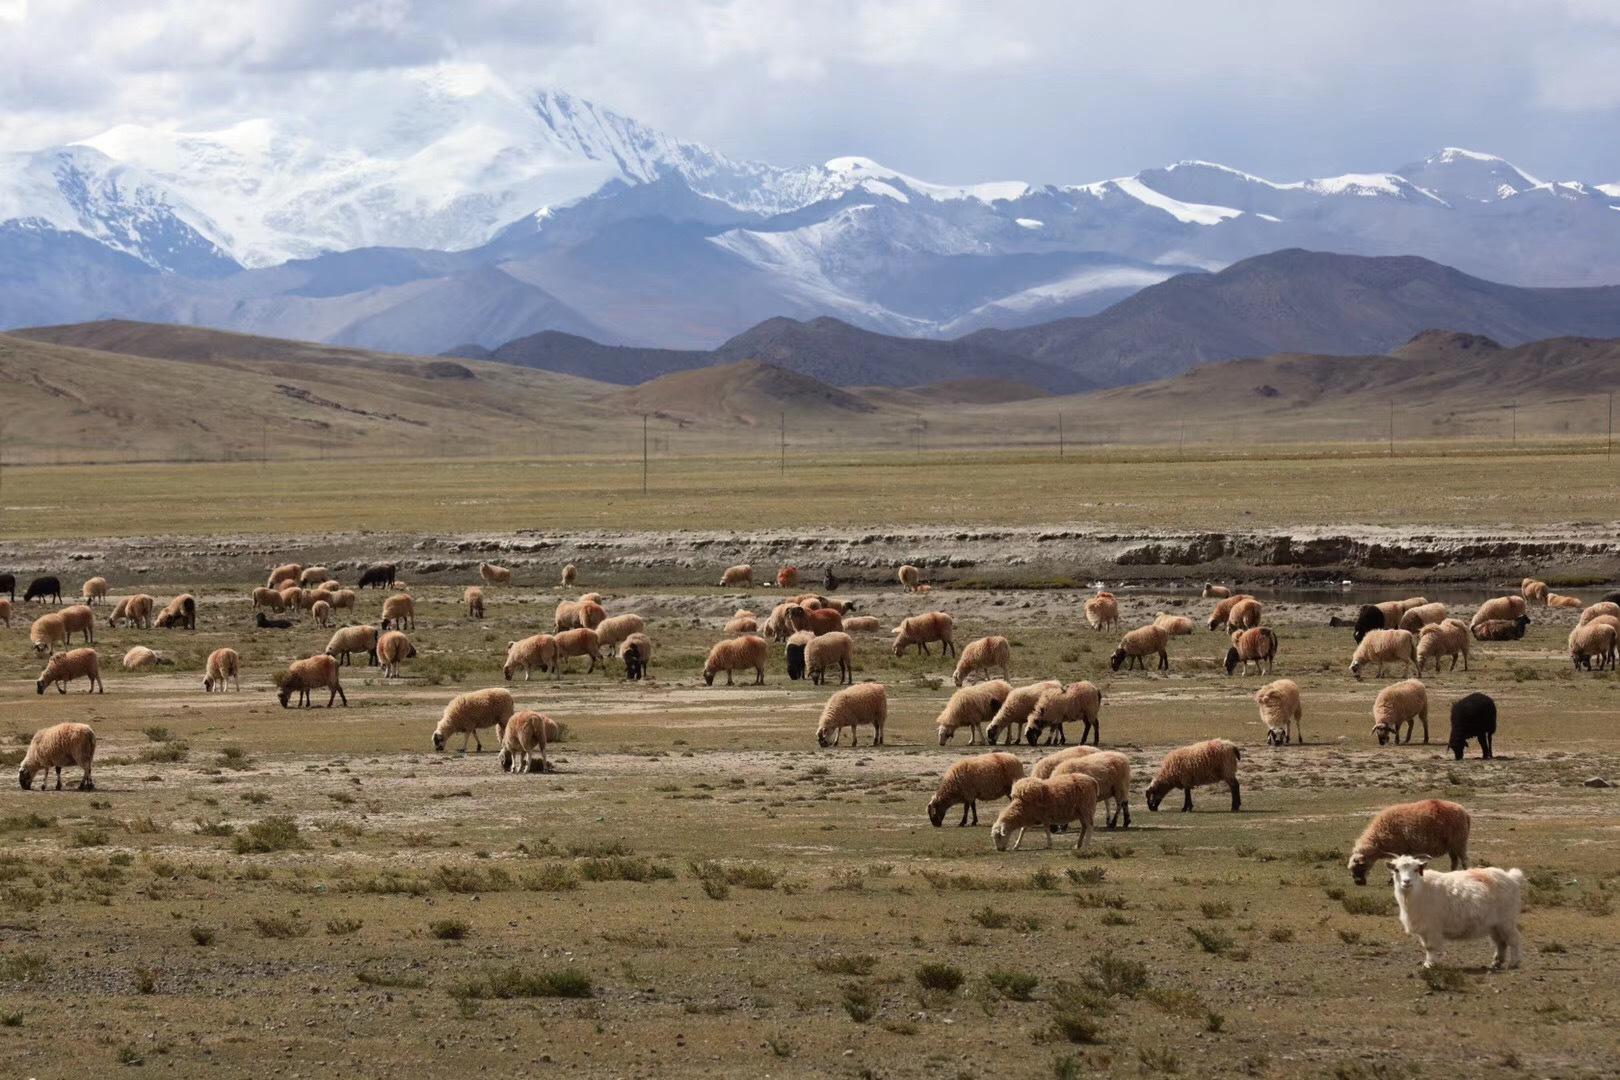 西藏不丹边境上的冰雪秘境40冰川 川藏线旅游攻略 第6张